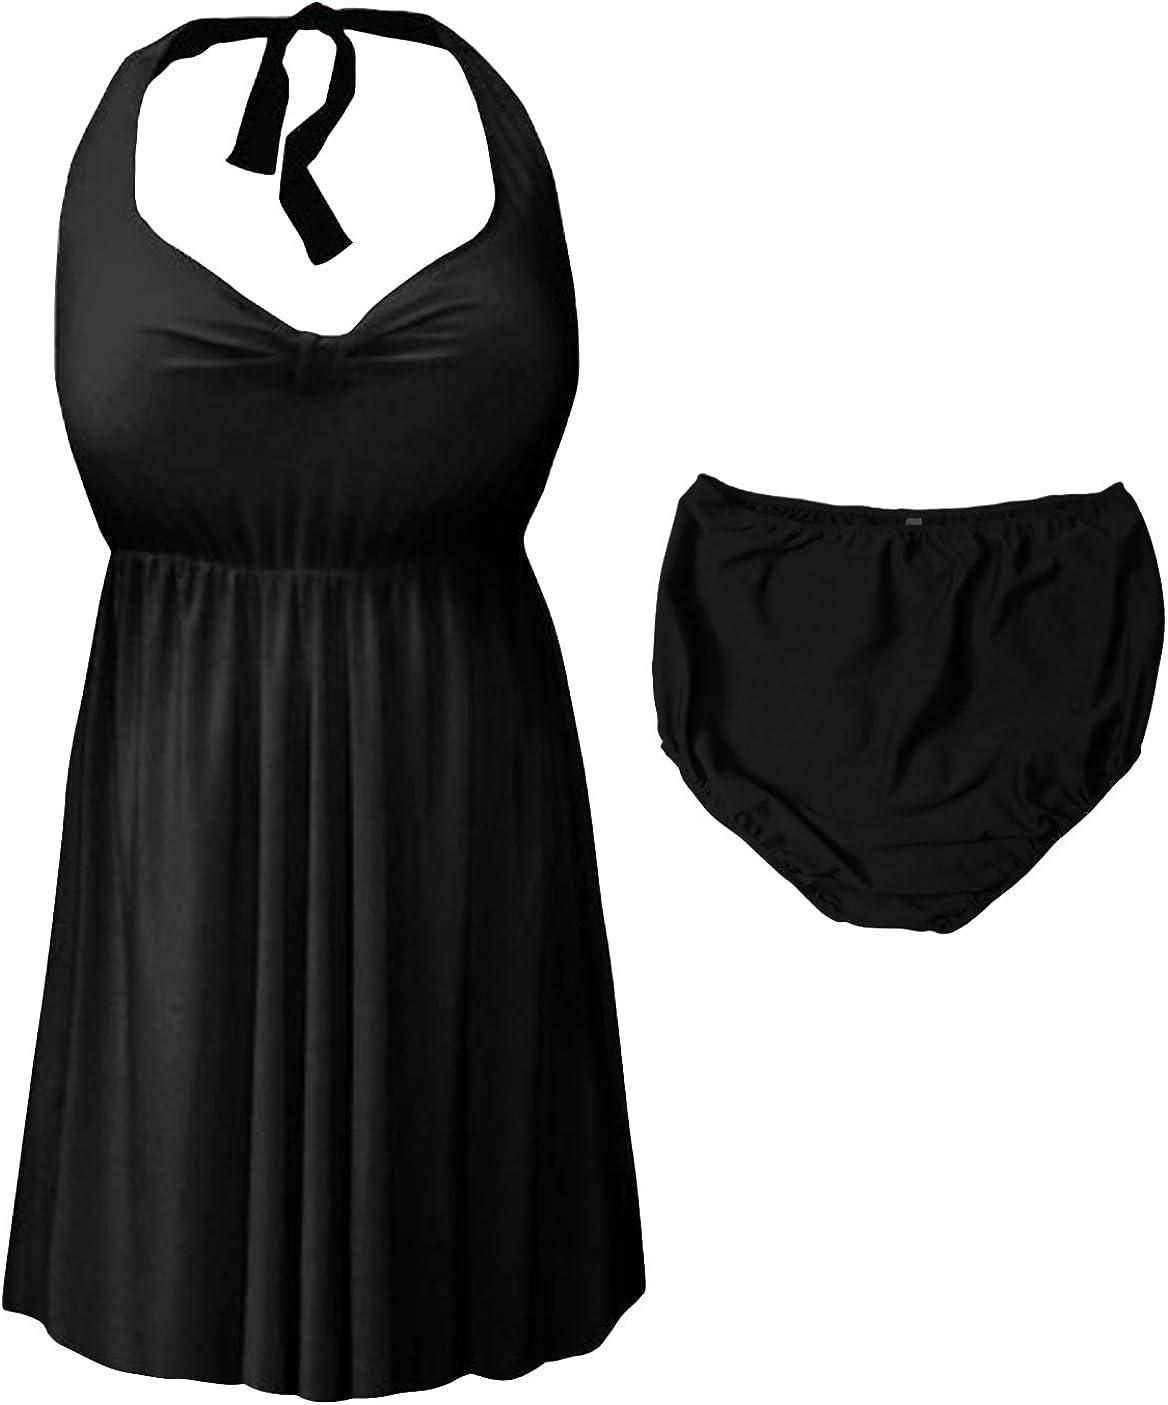 Sanctuarie Designs Black 2 Piece Halter Style Plus Size Swimdress